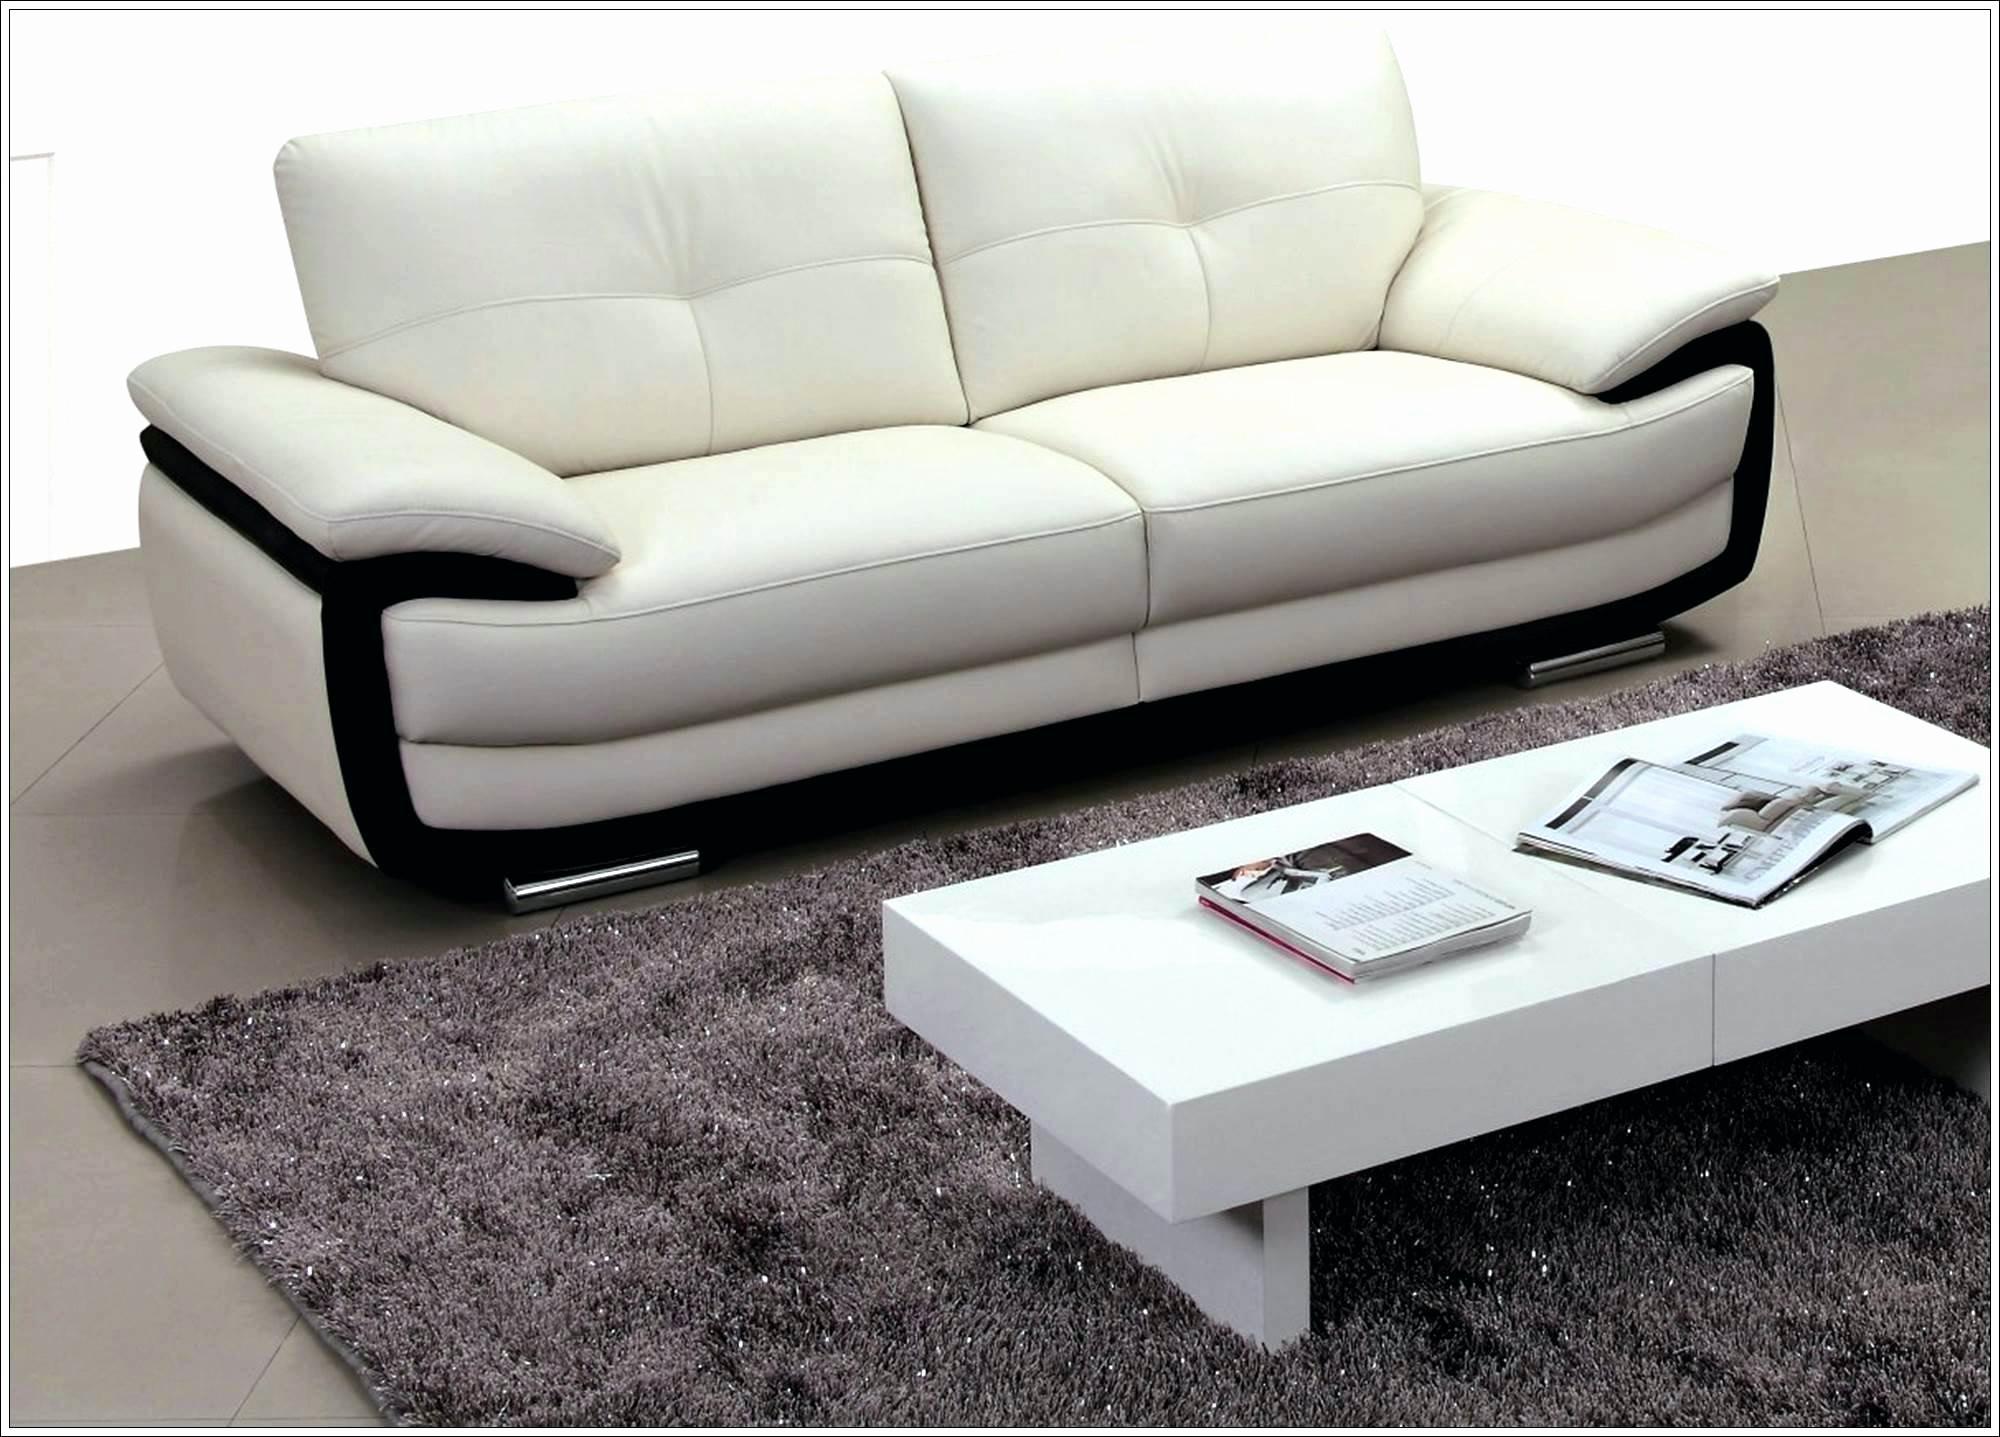 Petit Canapé Convertible Ikea Beau Photographie Canap Convertible 3 Places Conforama 11 Lit 2 Pas Cher Ikea but